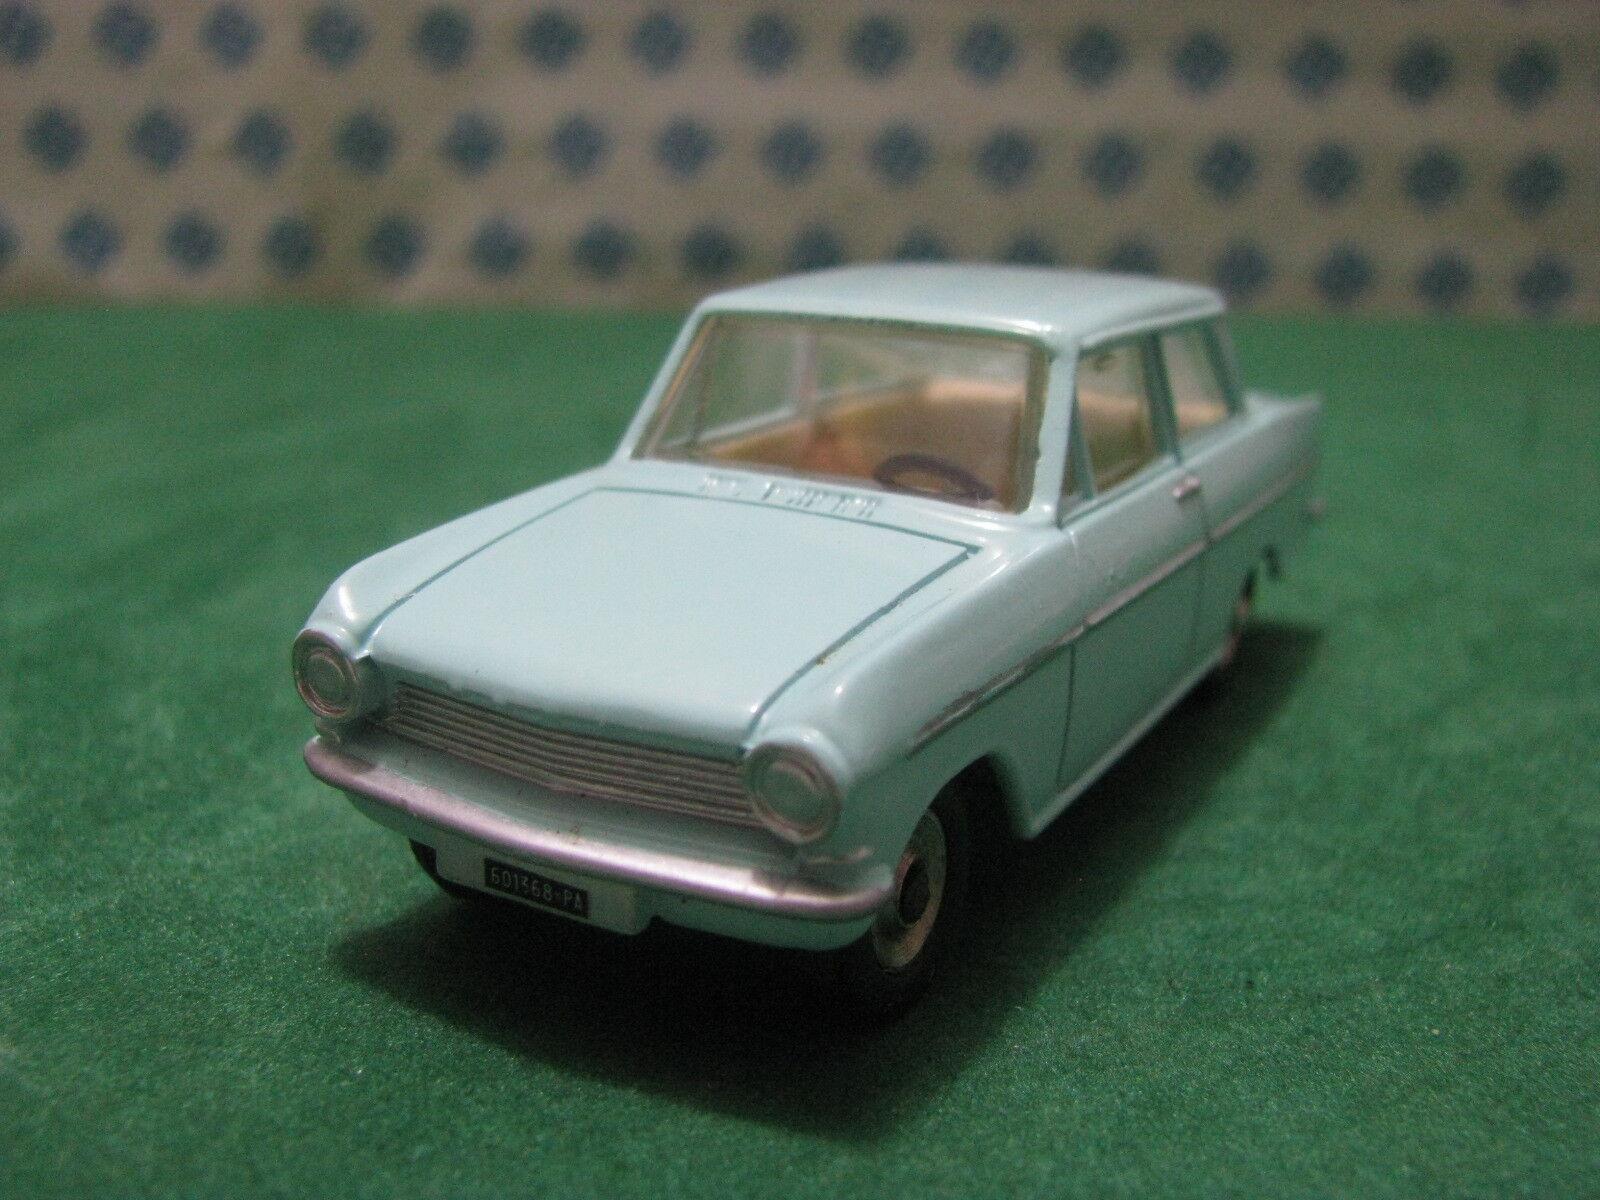 Vintage Vintage Vintage   OPEL Kadett   1/43  Dinky toys 540      ètat neuf | New Style  | Laissons Nos Produits De Base Aller Dans Le Monde  | Ont Longtemps Joui D'une Grande Renommée  9fadde